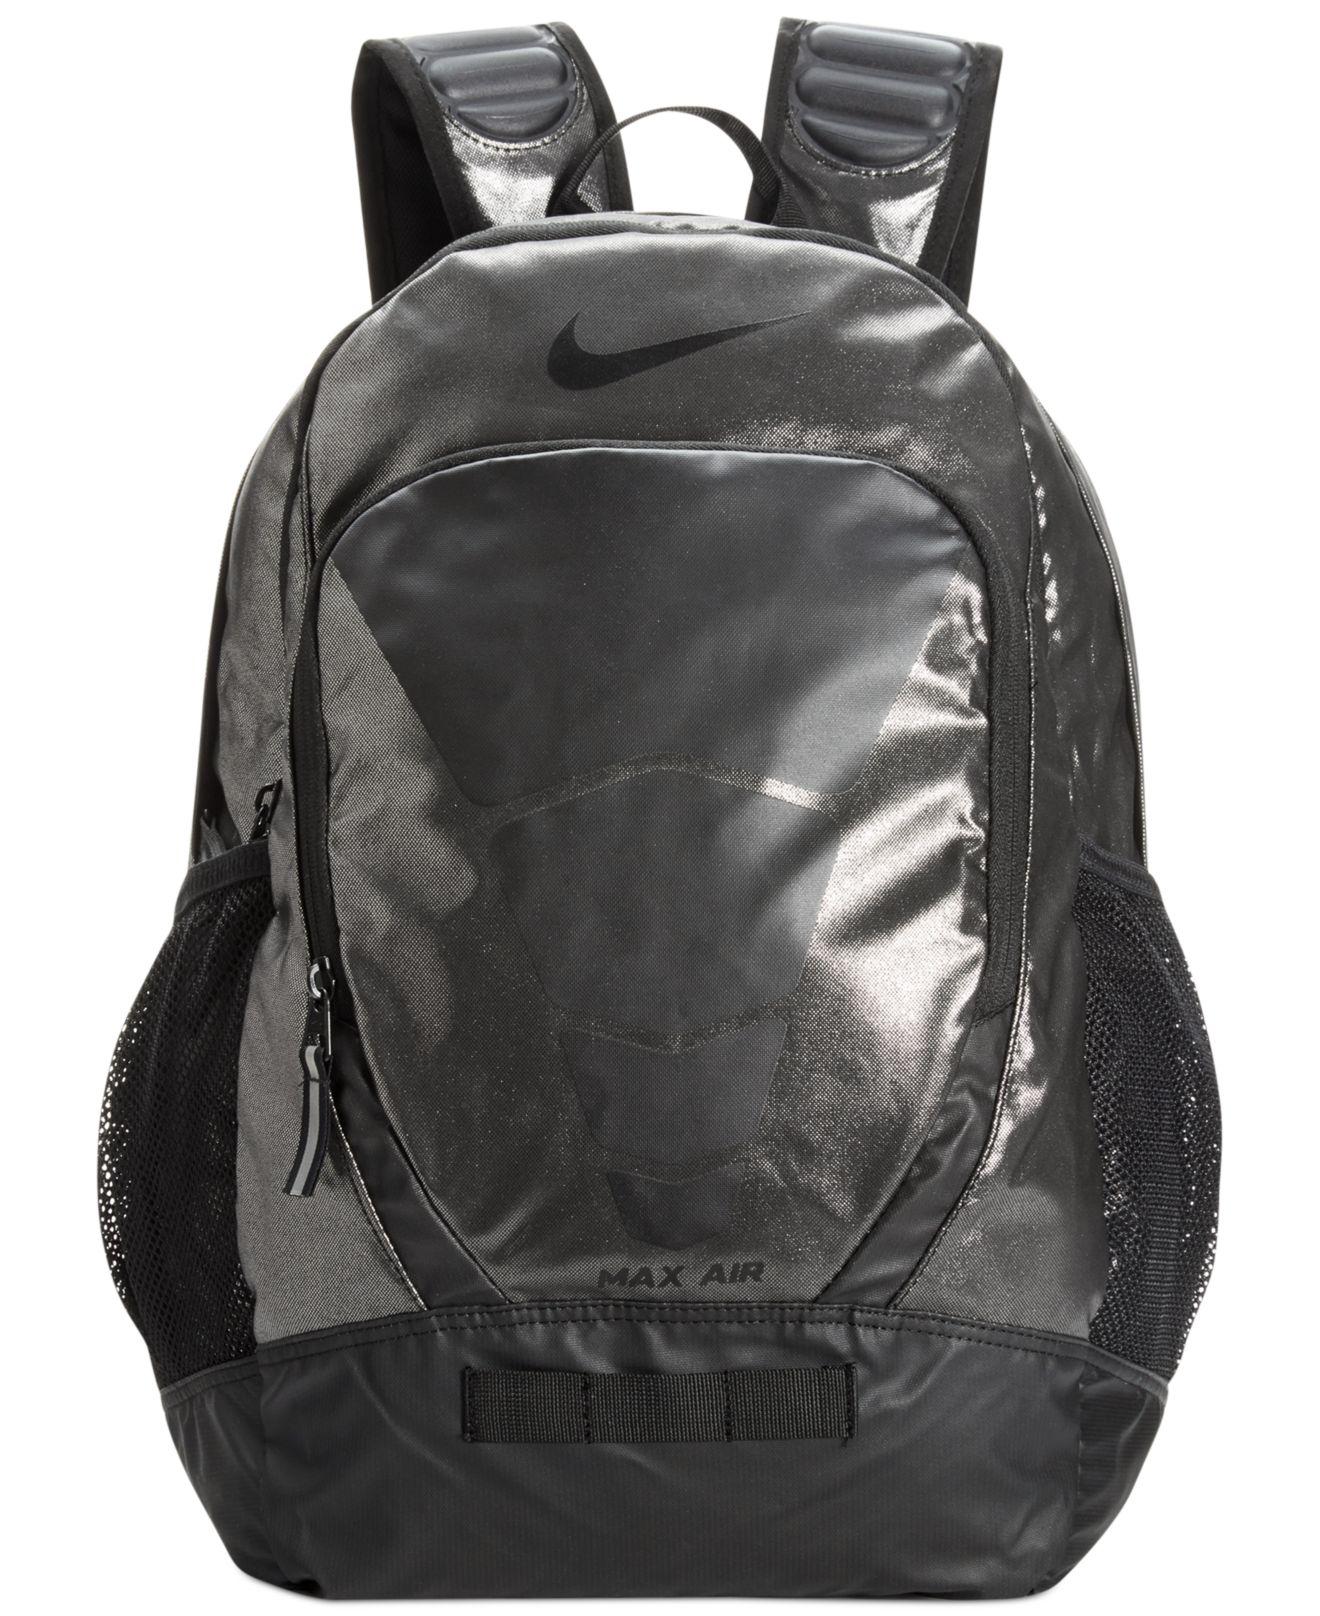 84b9ca2d2158 Lyst Nike Max Air Vapor Metallic Backpack In Black For Men